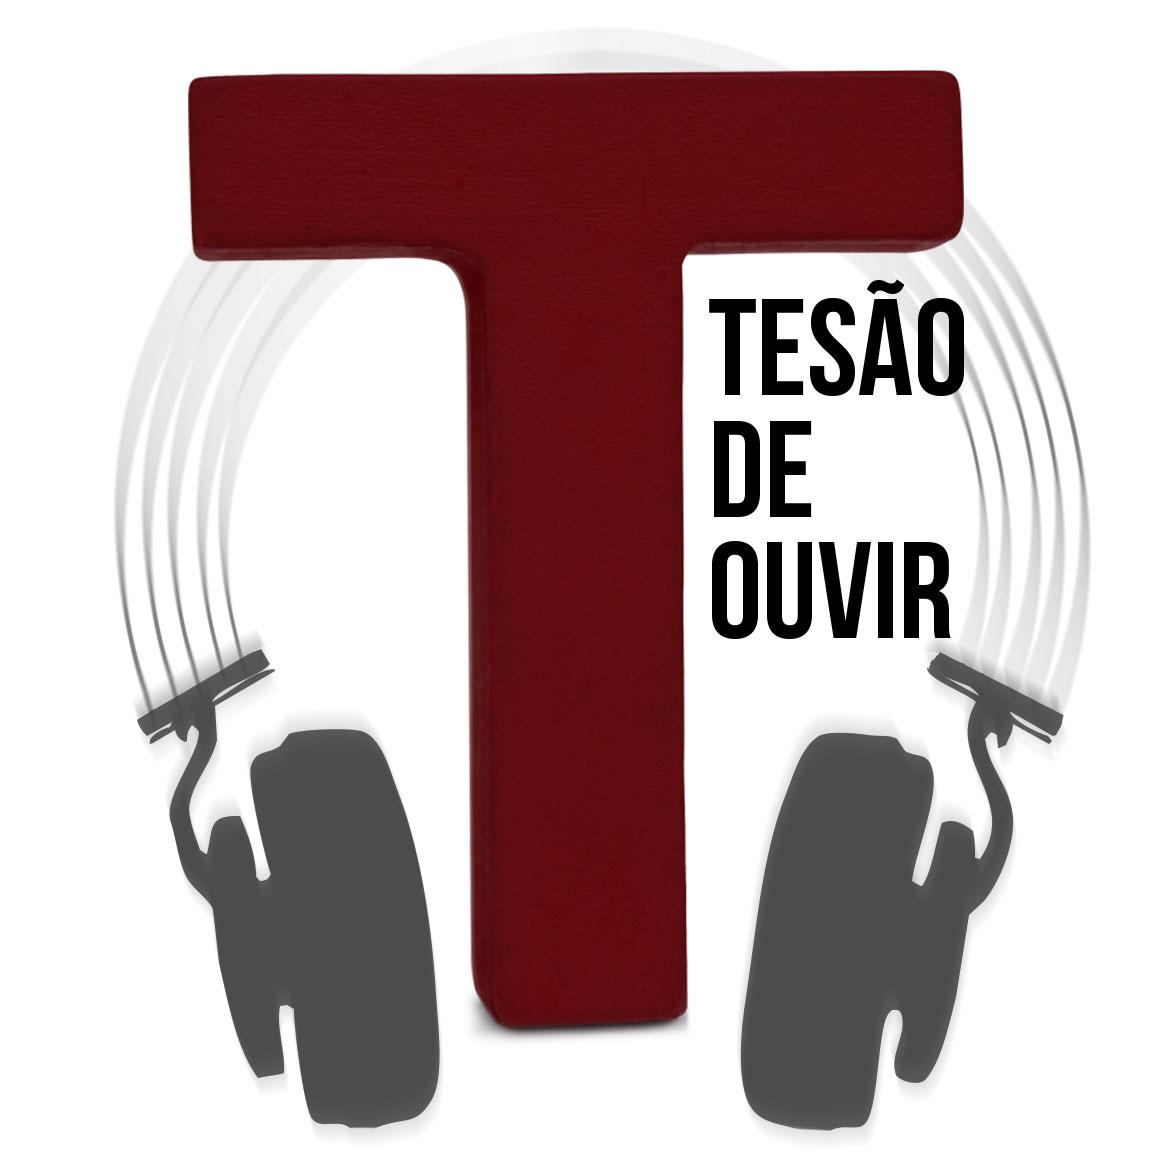 Podcast Tesão de ouvir